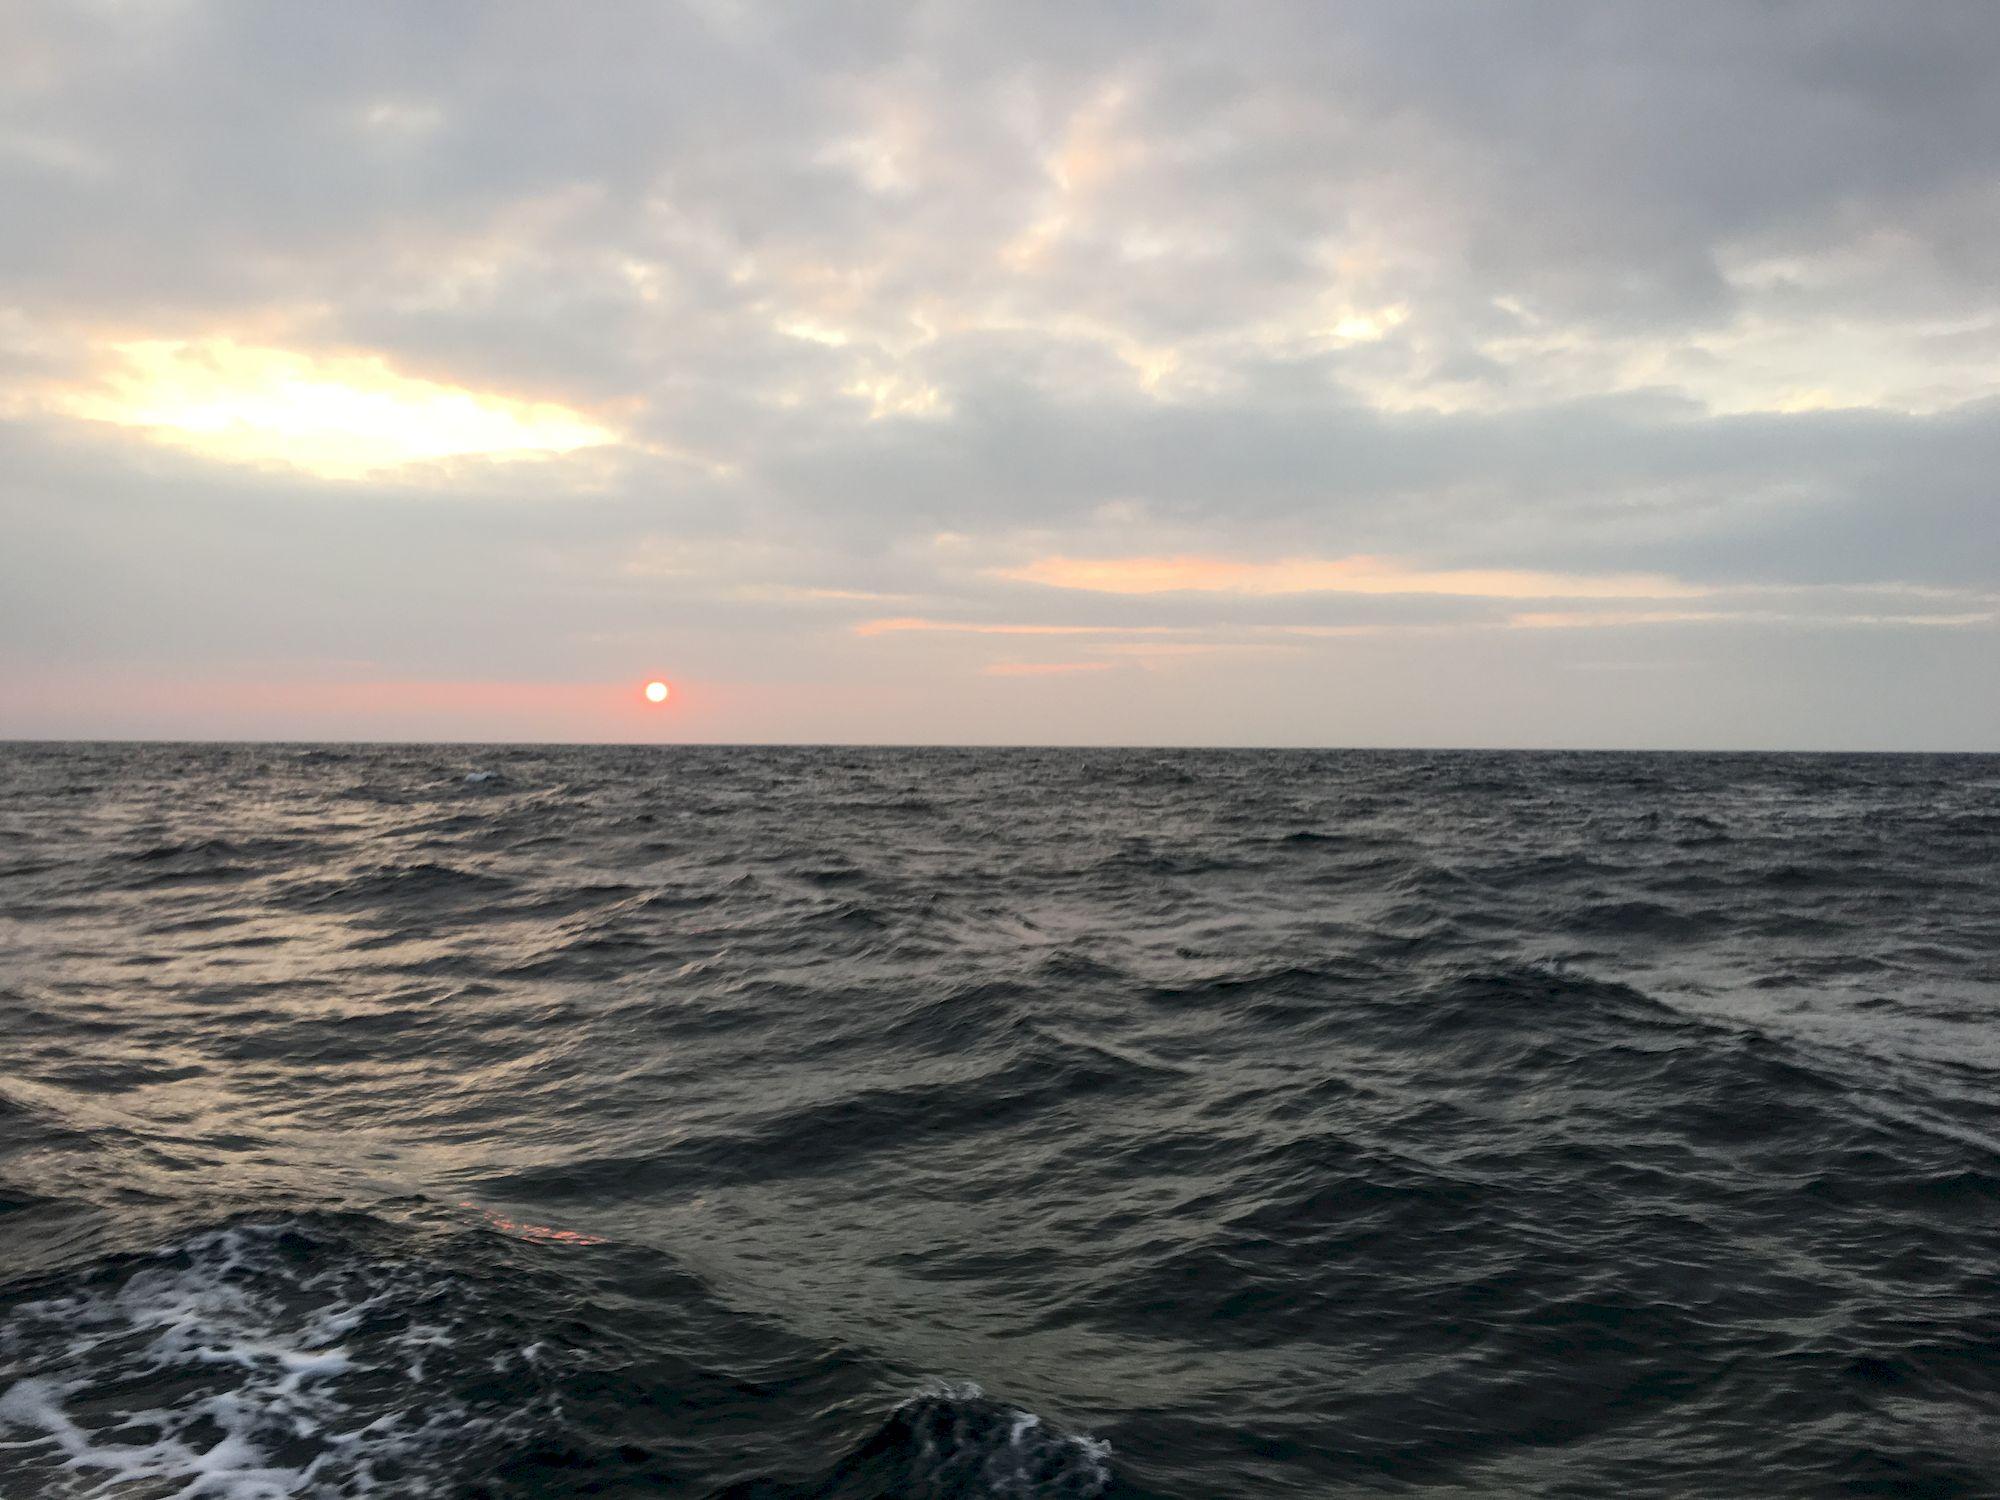 新西兰,跆拳道,俱乐部,拉力赛,青岛 向着太阳升起的地方出发:记第一次跨国远航-千航帆船-51航海网队-2016威海仁川 008-IMG_2598_千帆俱乐部我要航海网帆船队-2016威海-仁川国际帆船赛.JPG